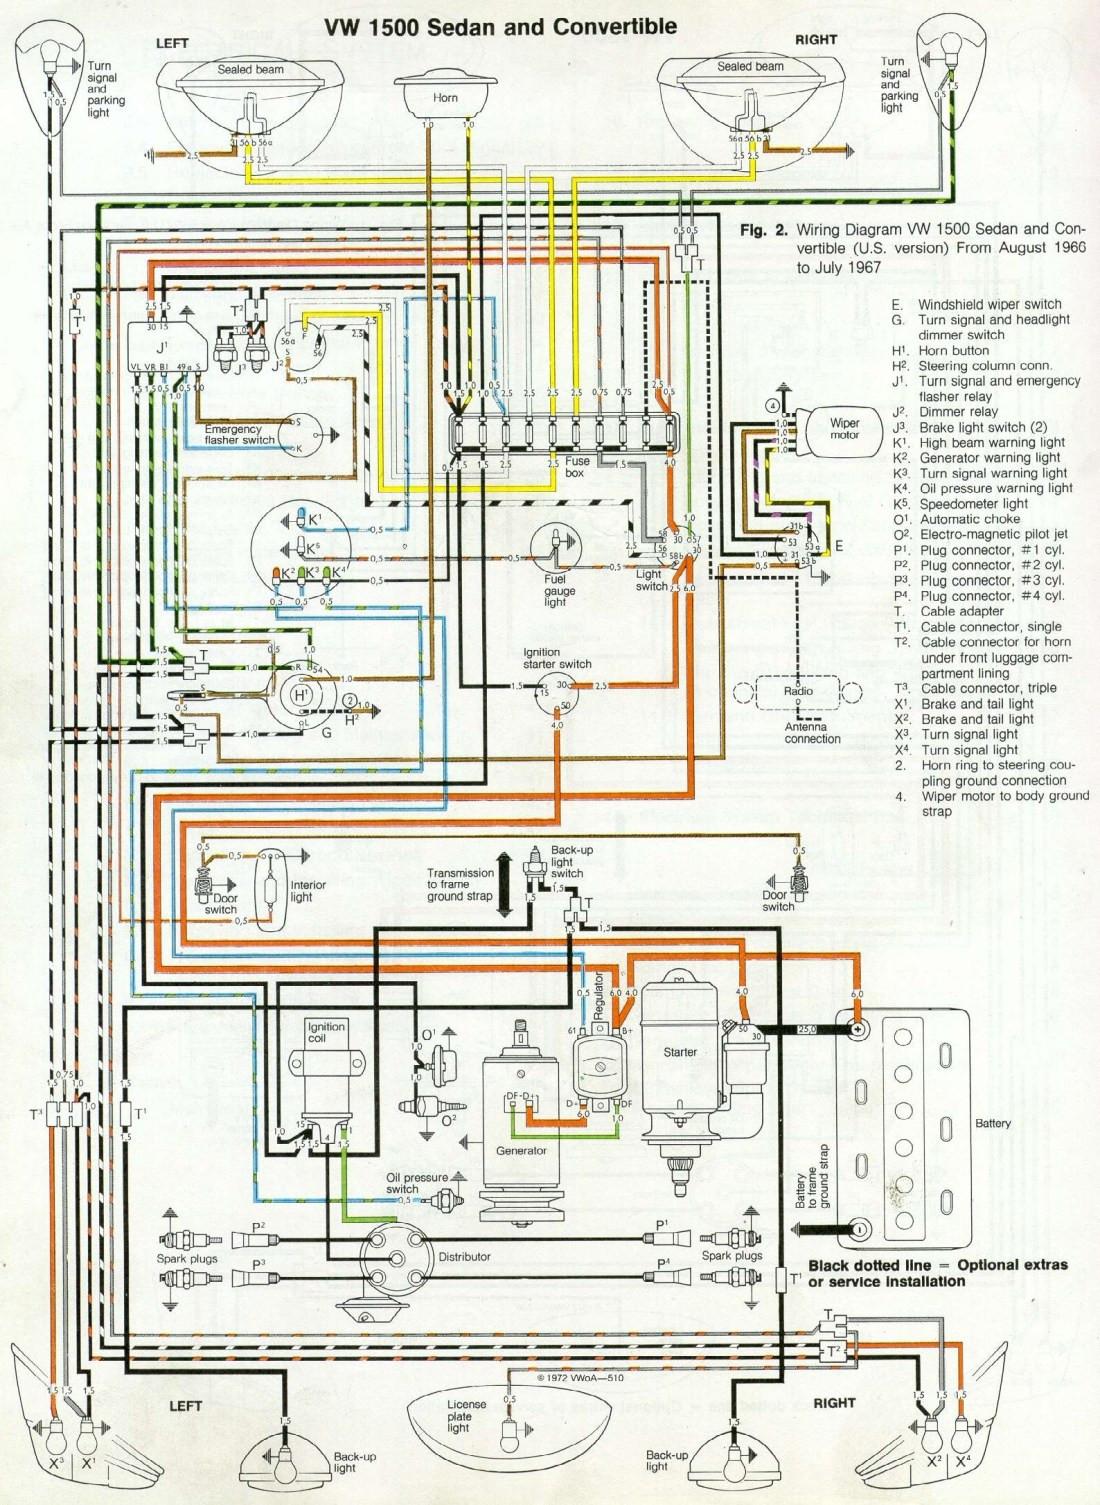 Beetle 1600 Wiring Diagram 66 and '67 Vw Beetle Wiring Diagram 1967 Vw Beetle Of Beetle 1600 Wiring Diagram